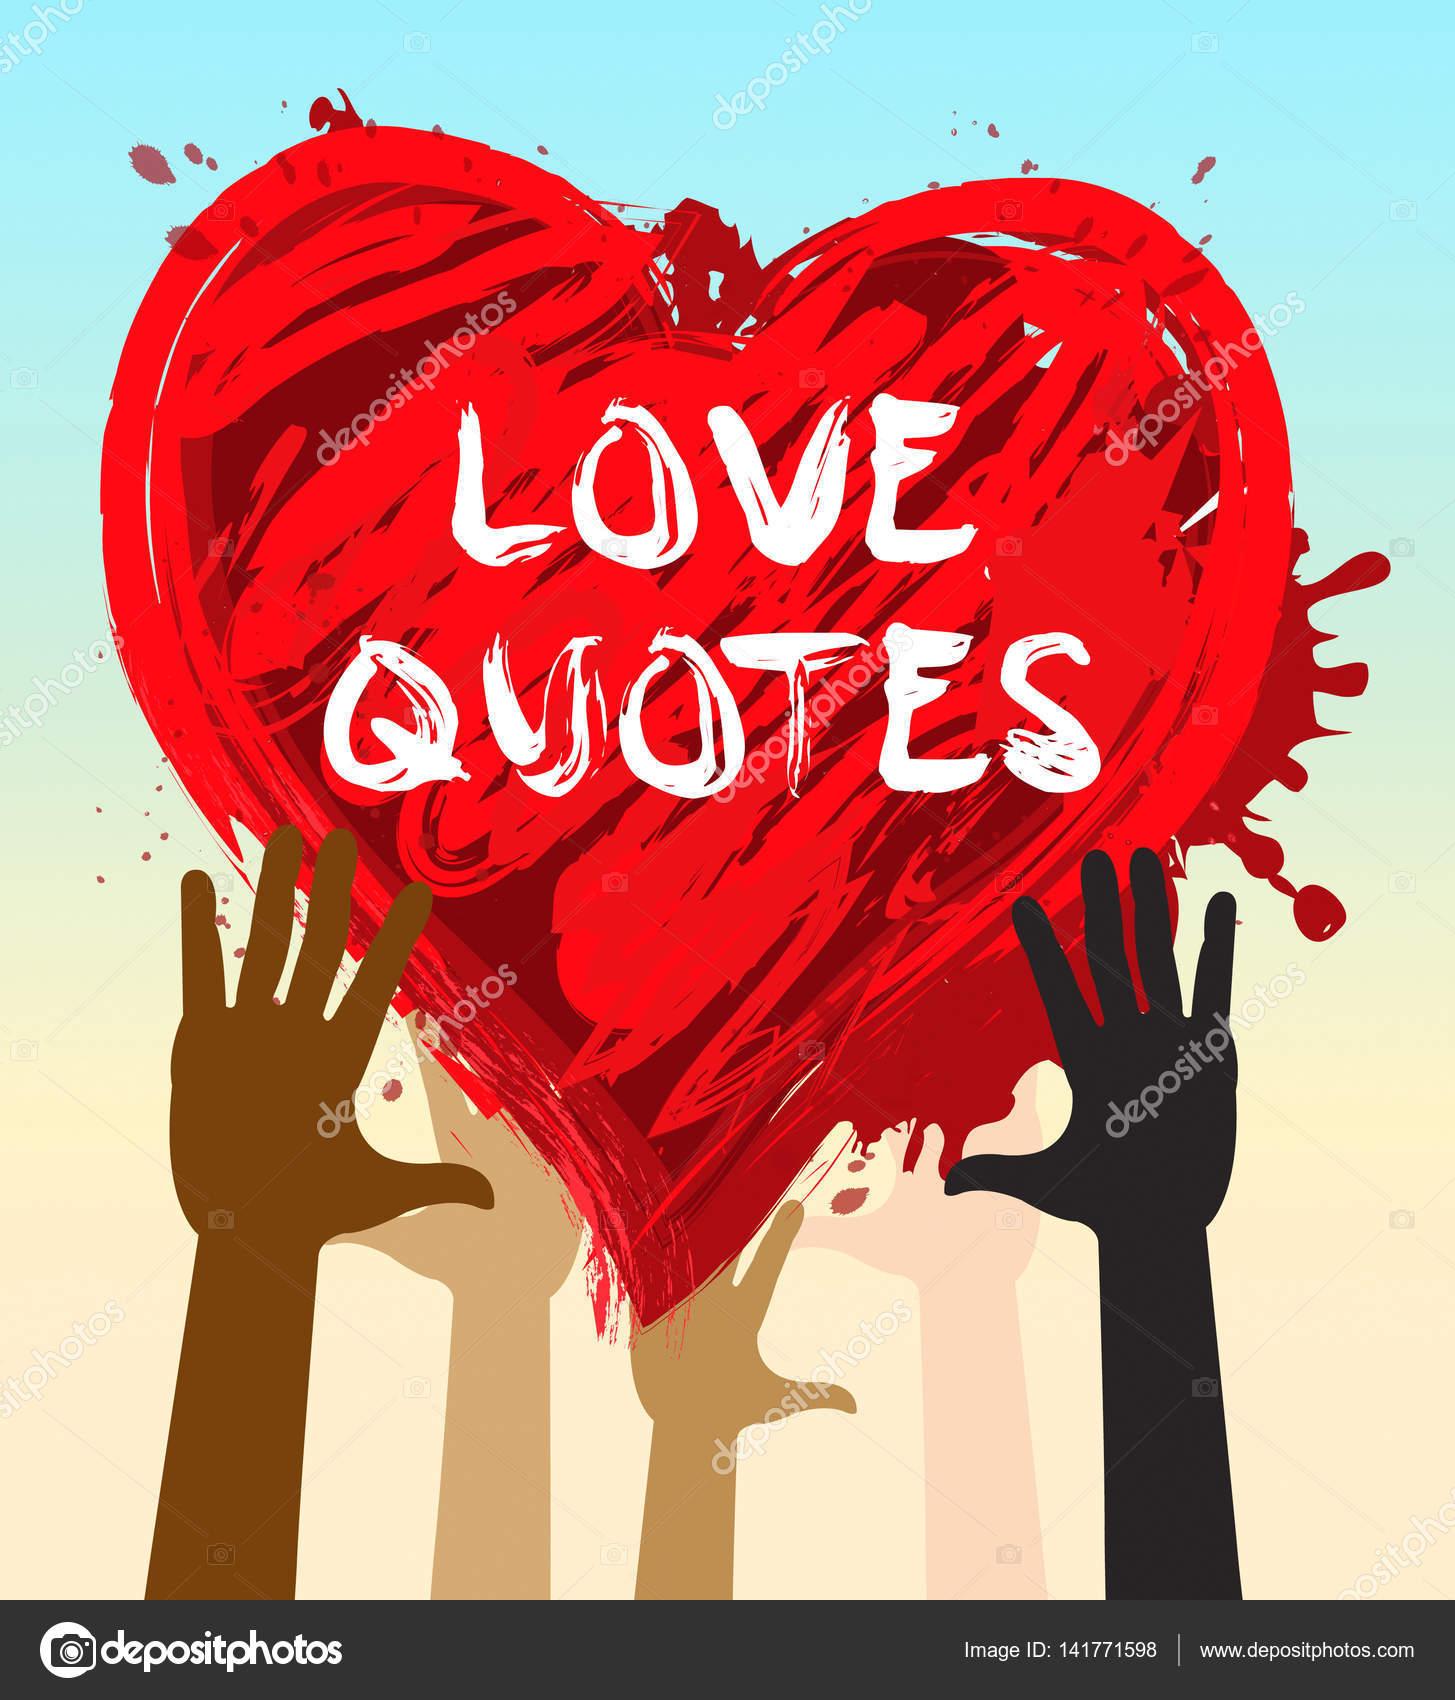 Citaten Over Inspiratie : Liefde citaten shows liefdevolle inspiratie d illustratie